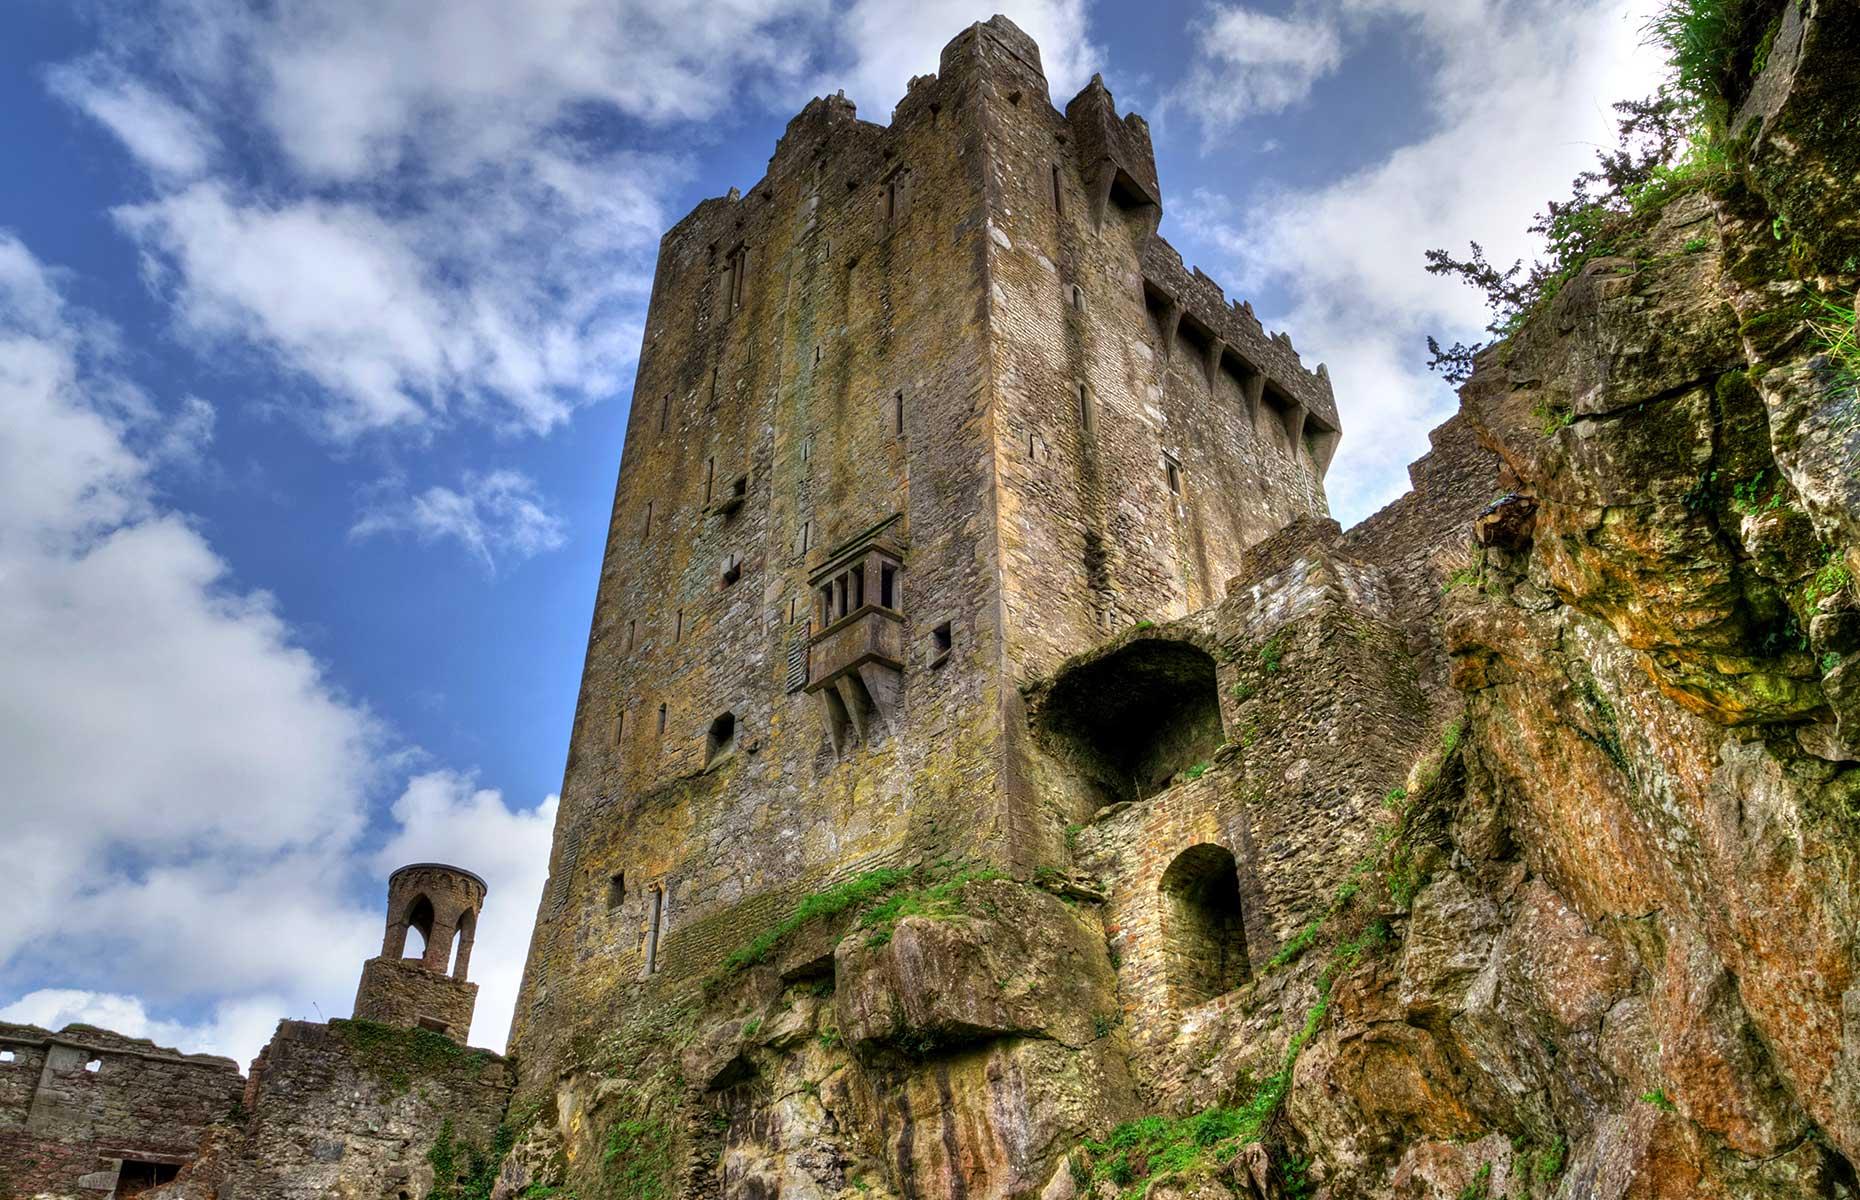 Blarney Castle, County Cork (Patryk Kosmider/Shutterstock)